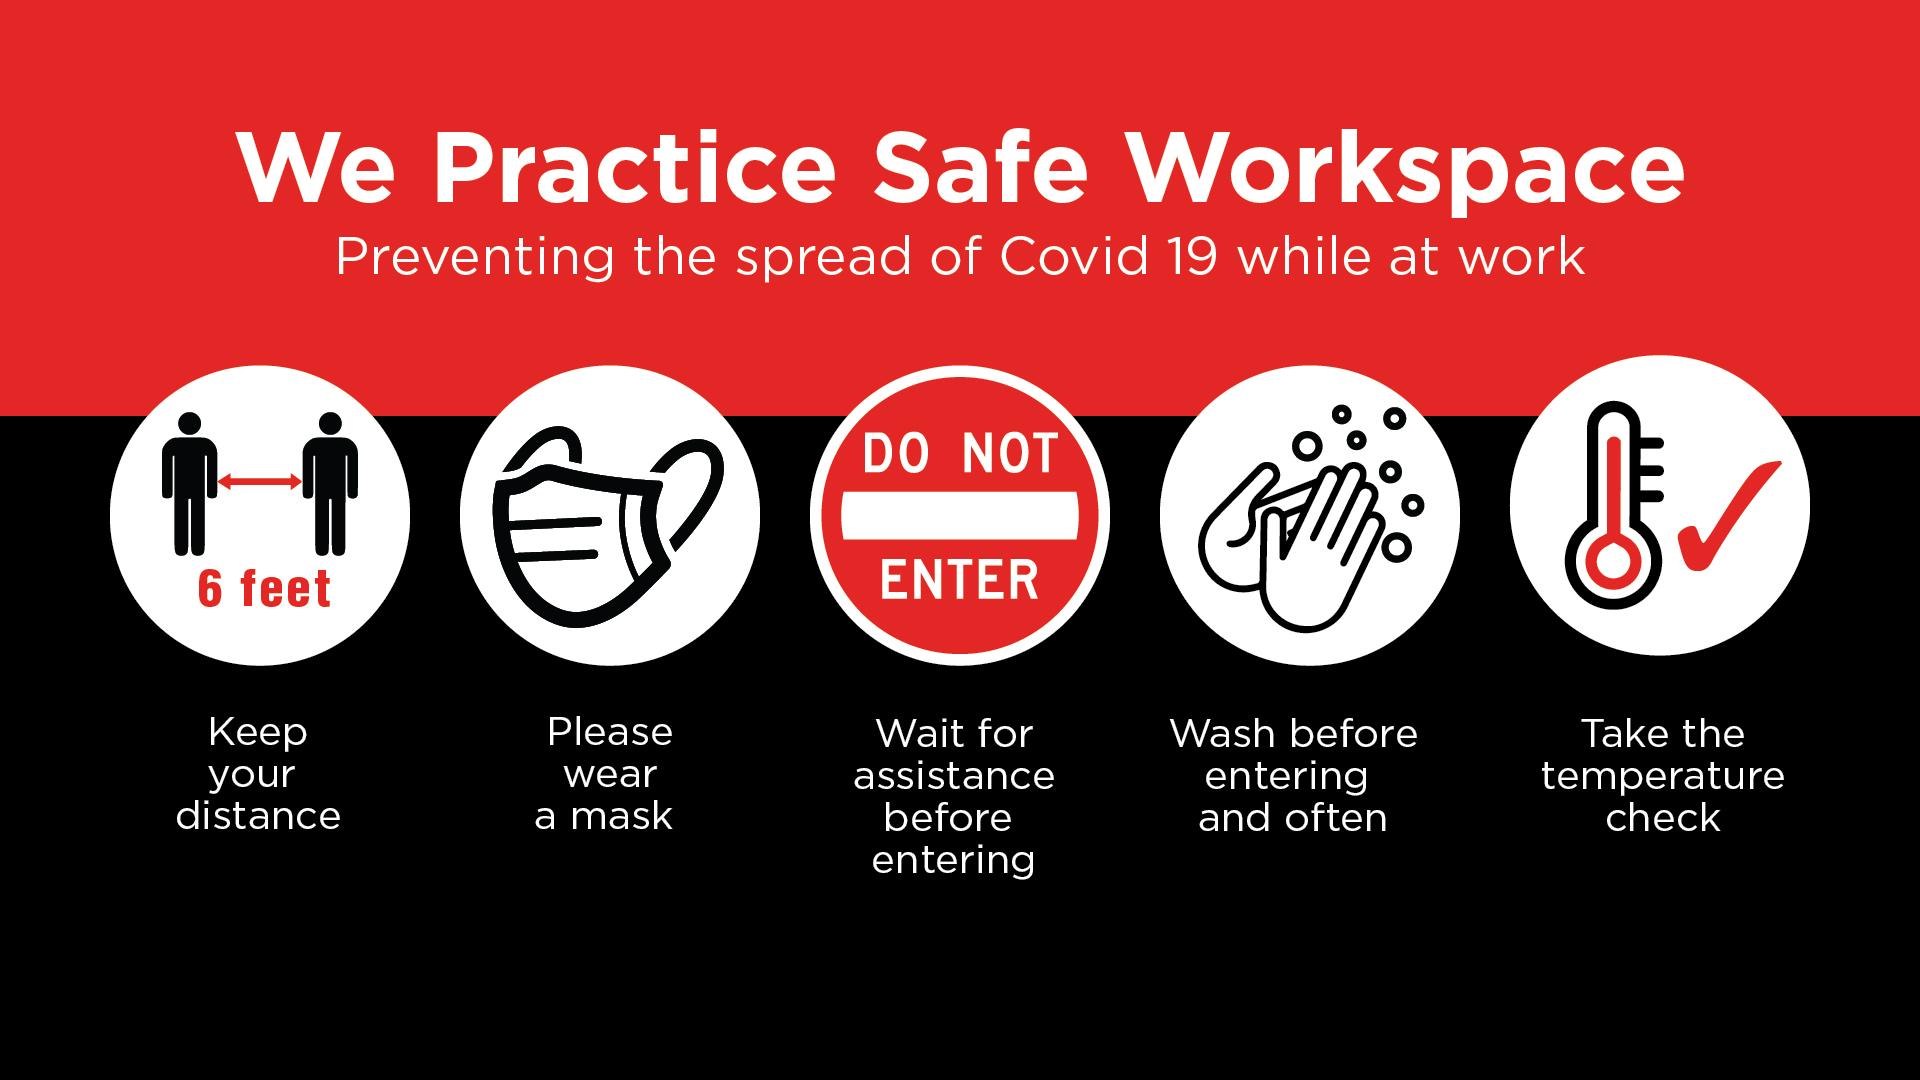 Safe Workspace - Prevent the Spread Digital Signage Image